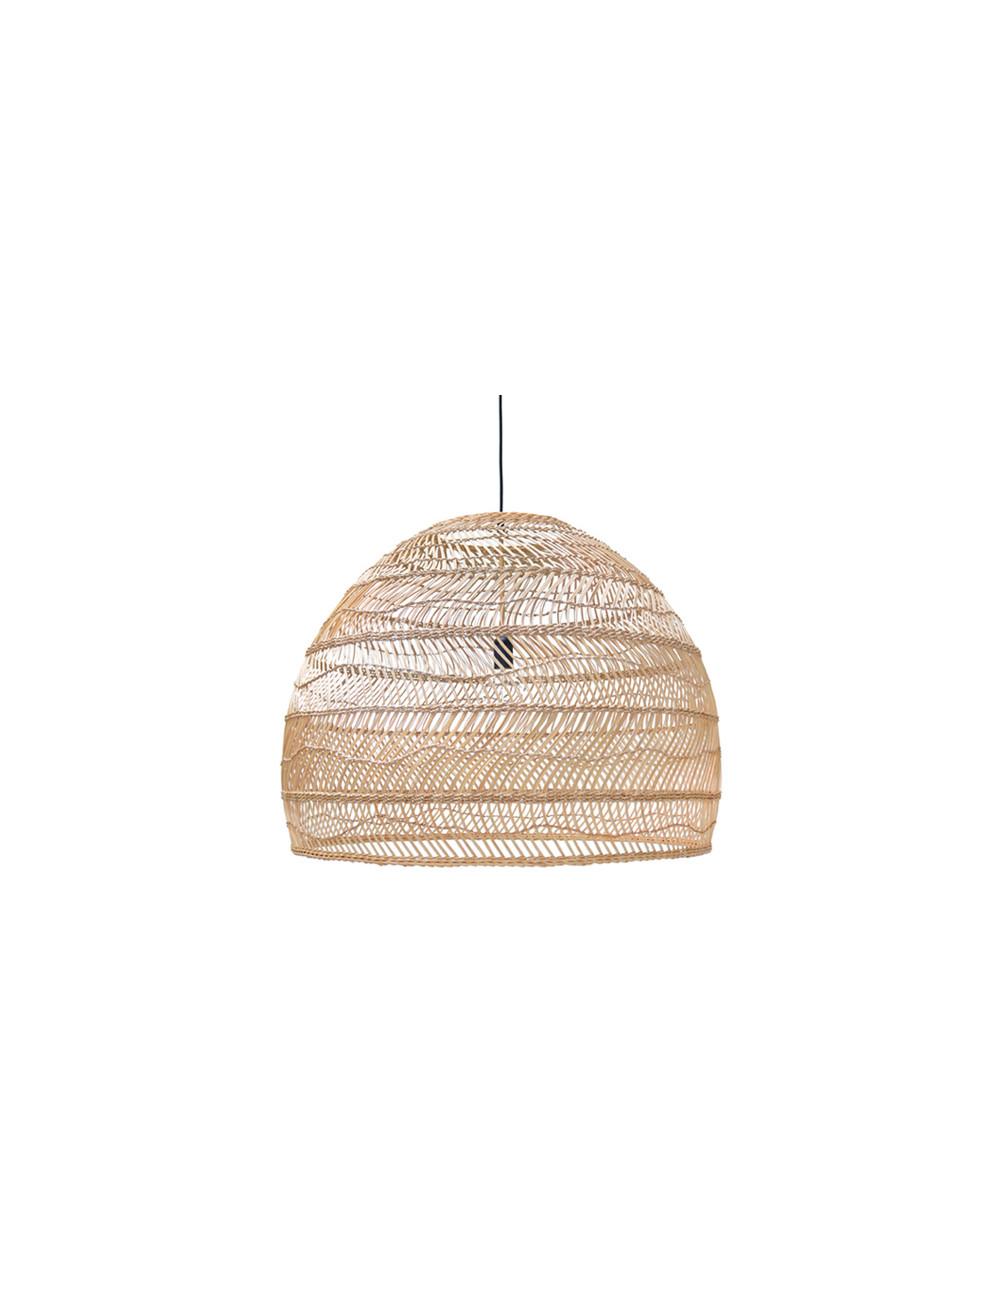 Rieten Hanglamp Bol Large - Naturel